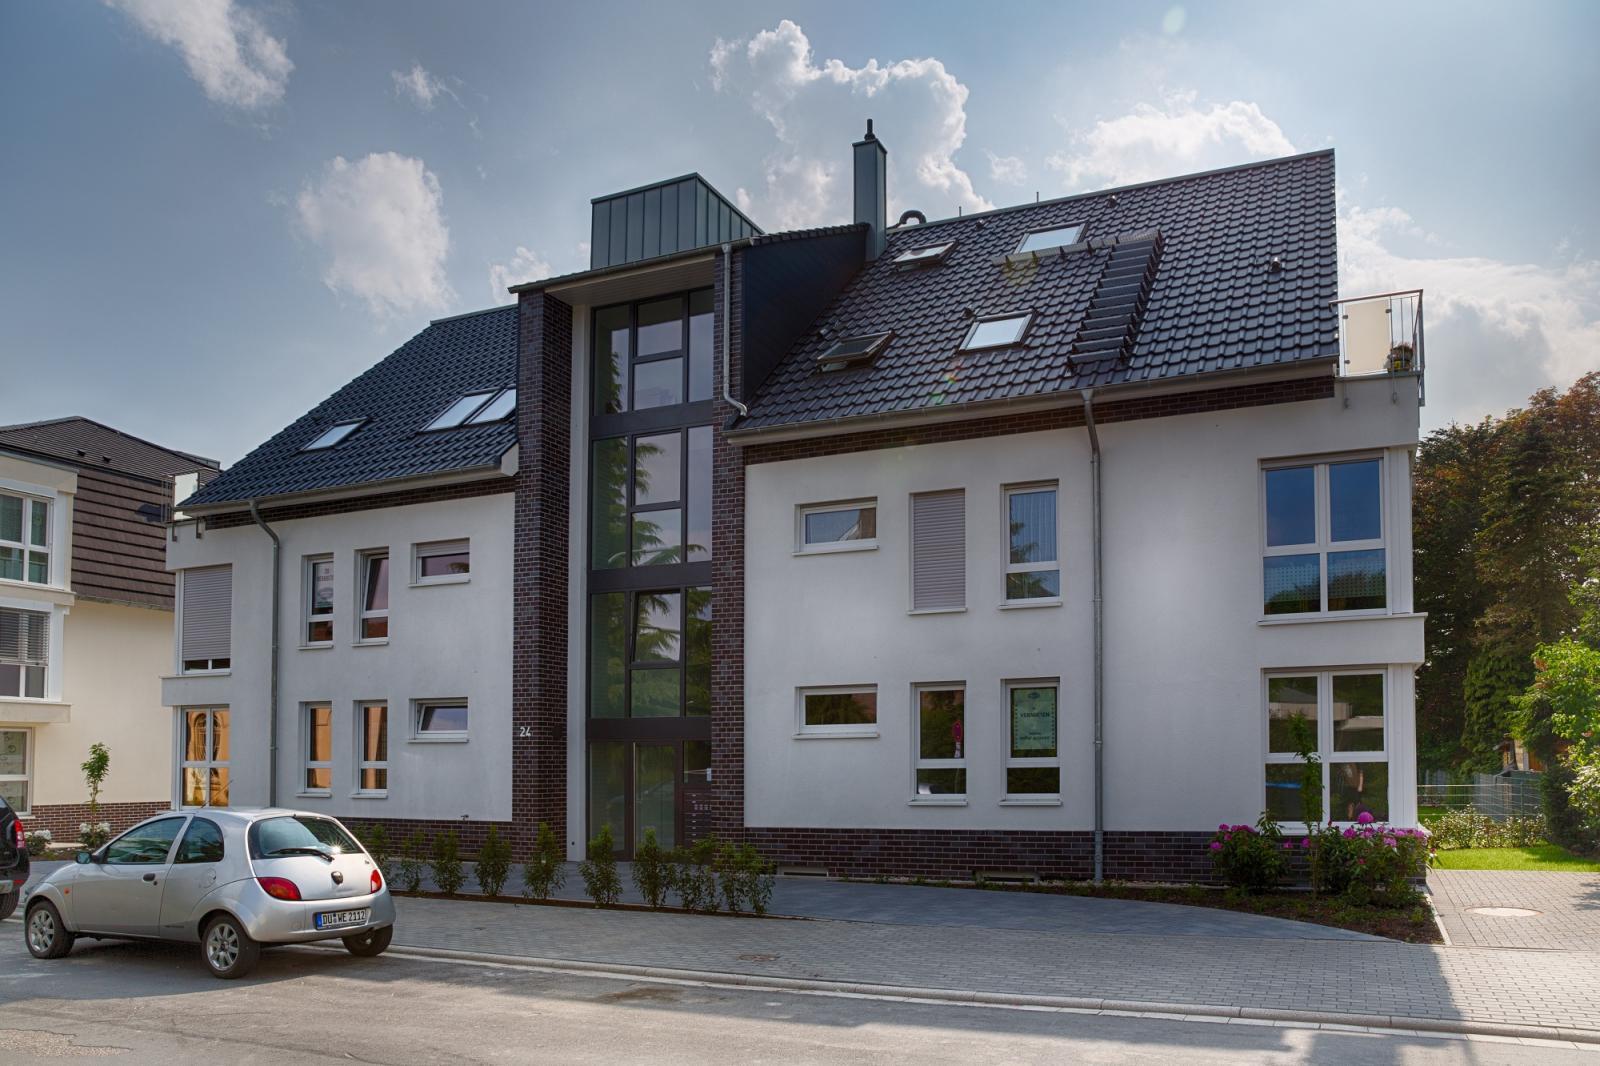 Residenz rosarium neubau mehrfamilienhaus neukirchen for Mehrfamilienhaus neubau